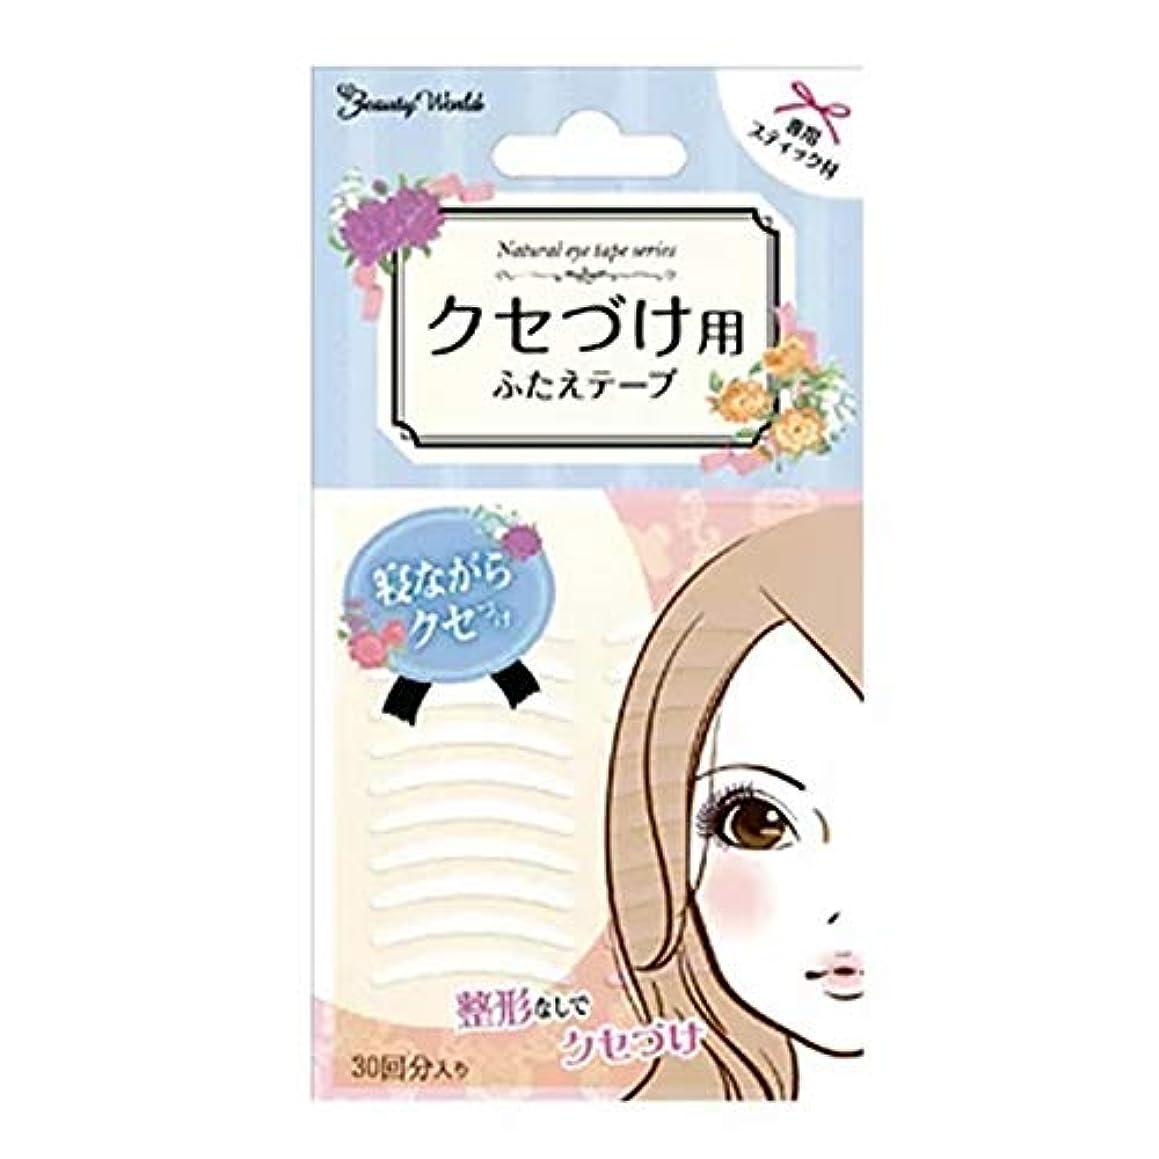 草技術クライマックスふたえ用テープ(両面) ENT301 30回分 スティック付き 日本製 メイク 化粧 アイメイク 目 ぱっちり 二重 ふたえ 変身 しっかり固定 自然 素肌 フィット 初心者 簡単 かわいい 女子 女の子